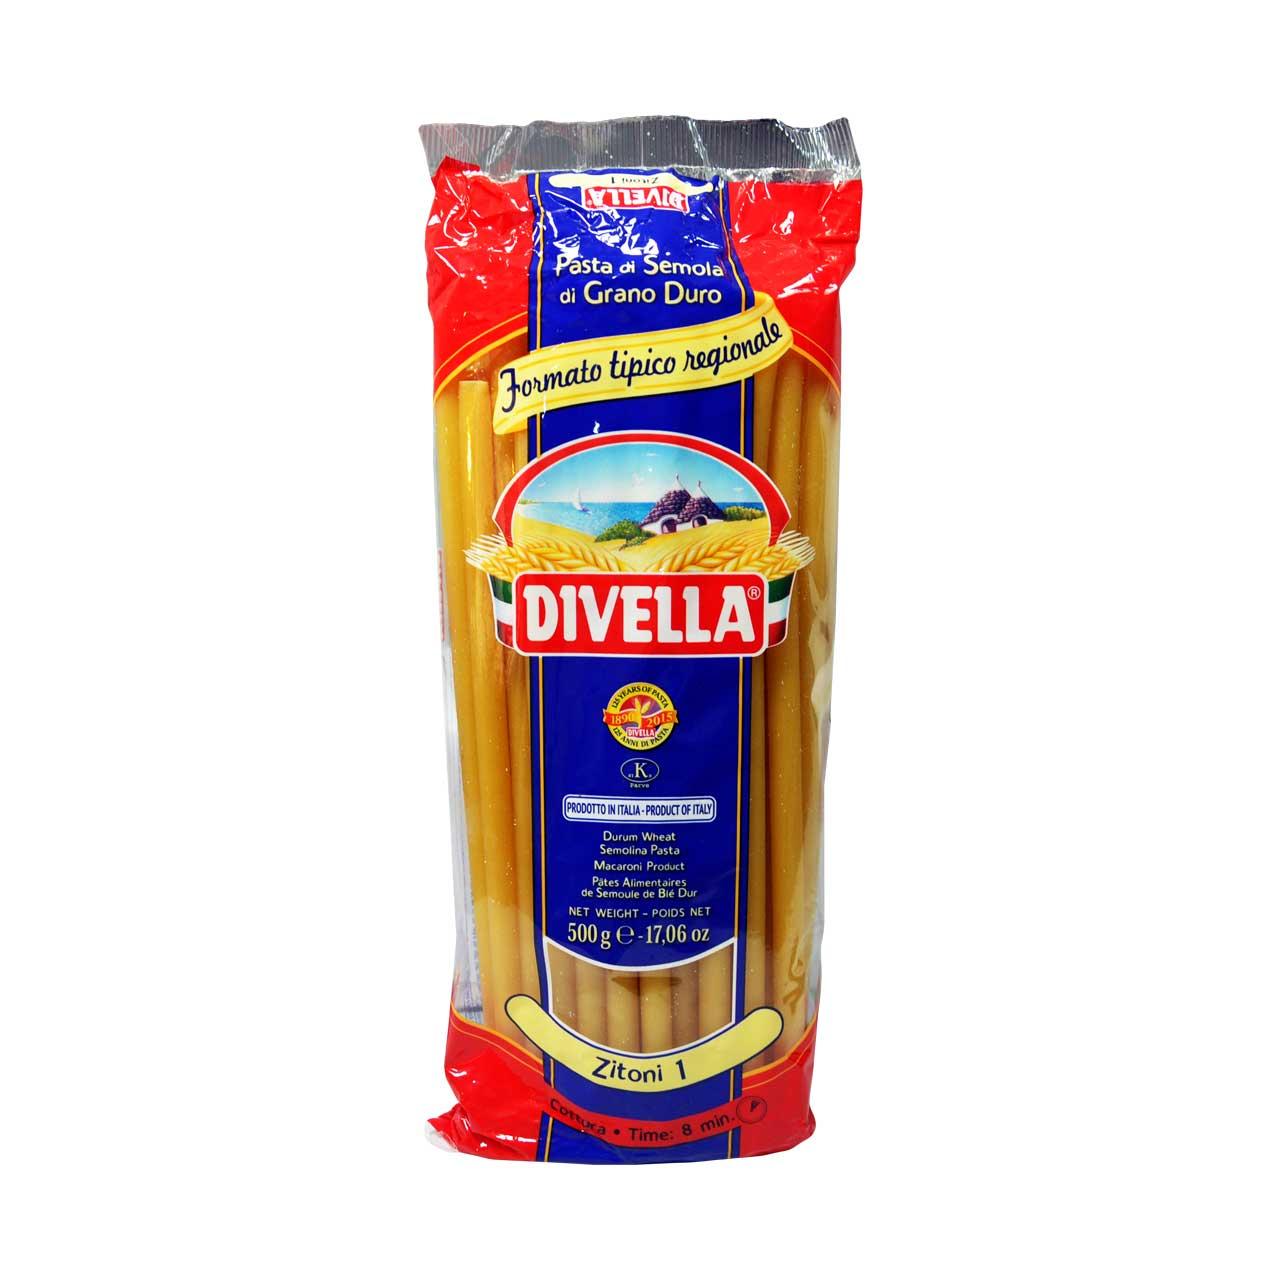 اسپاگتی زیتونی دیولا – divella